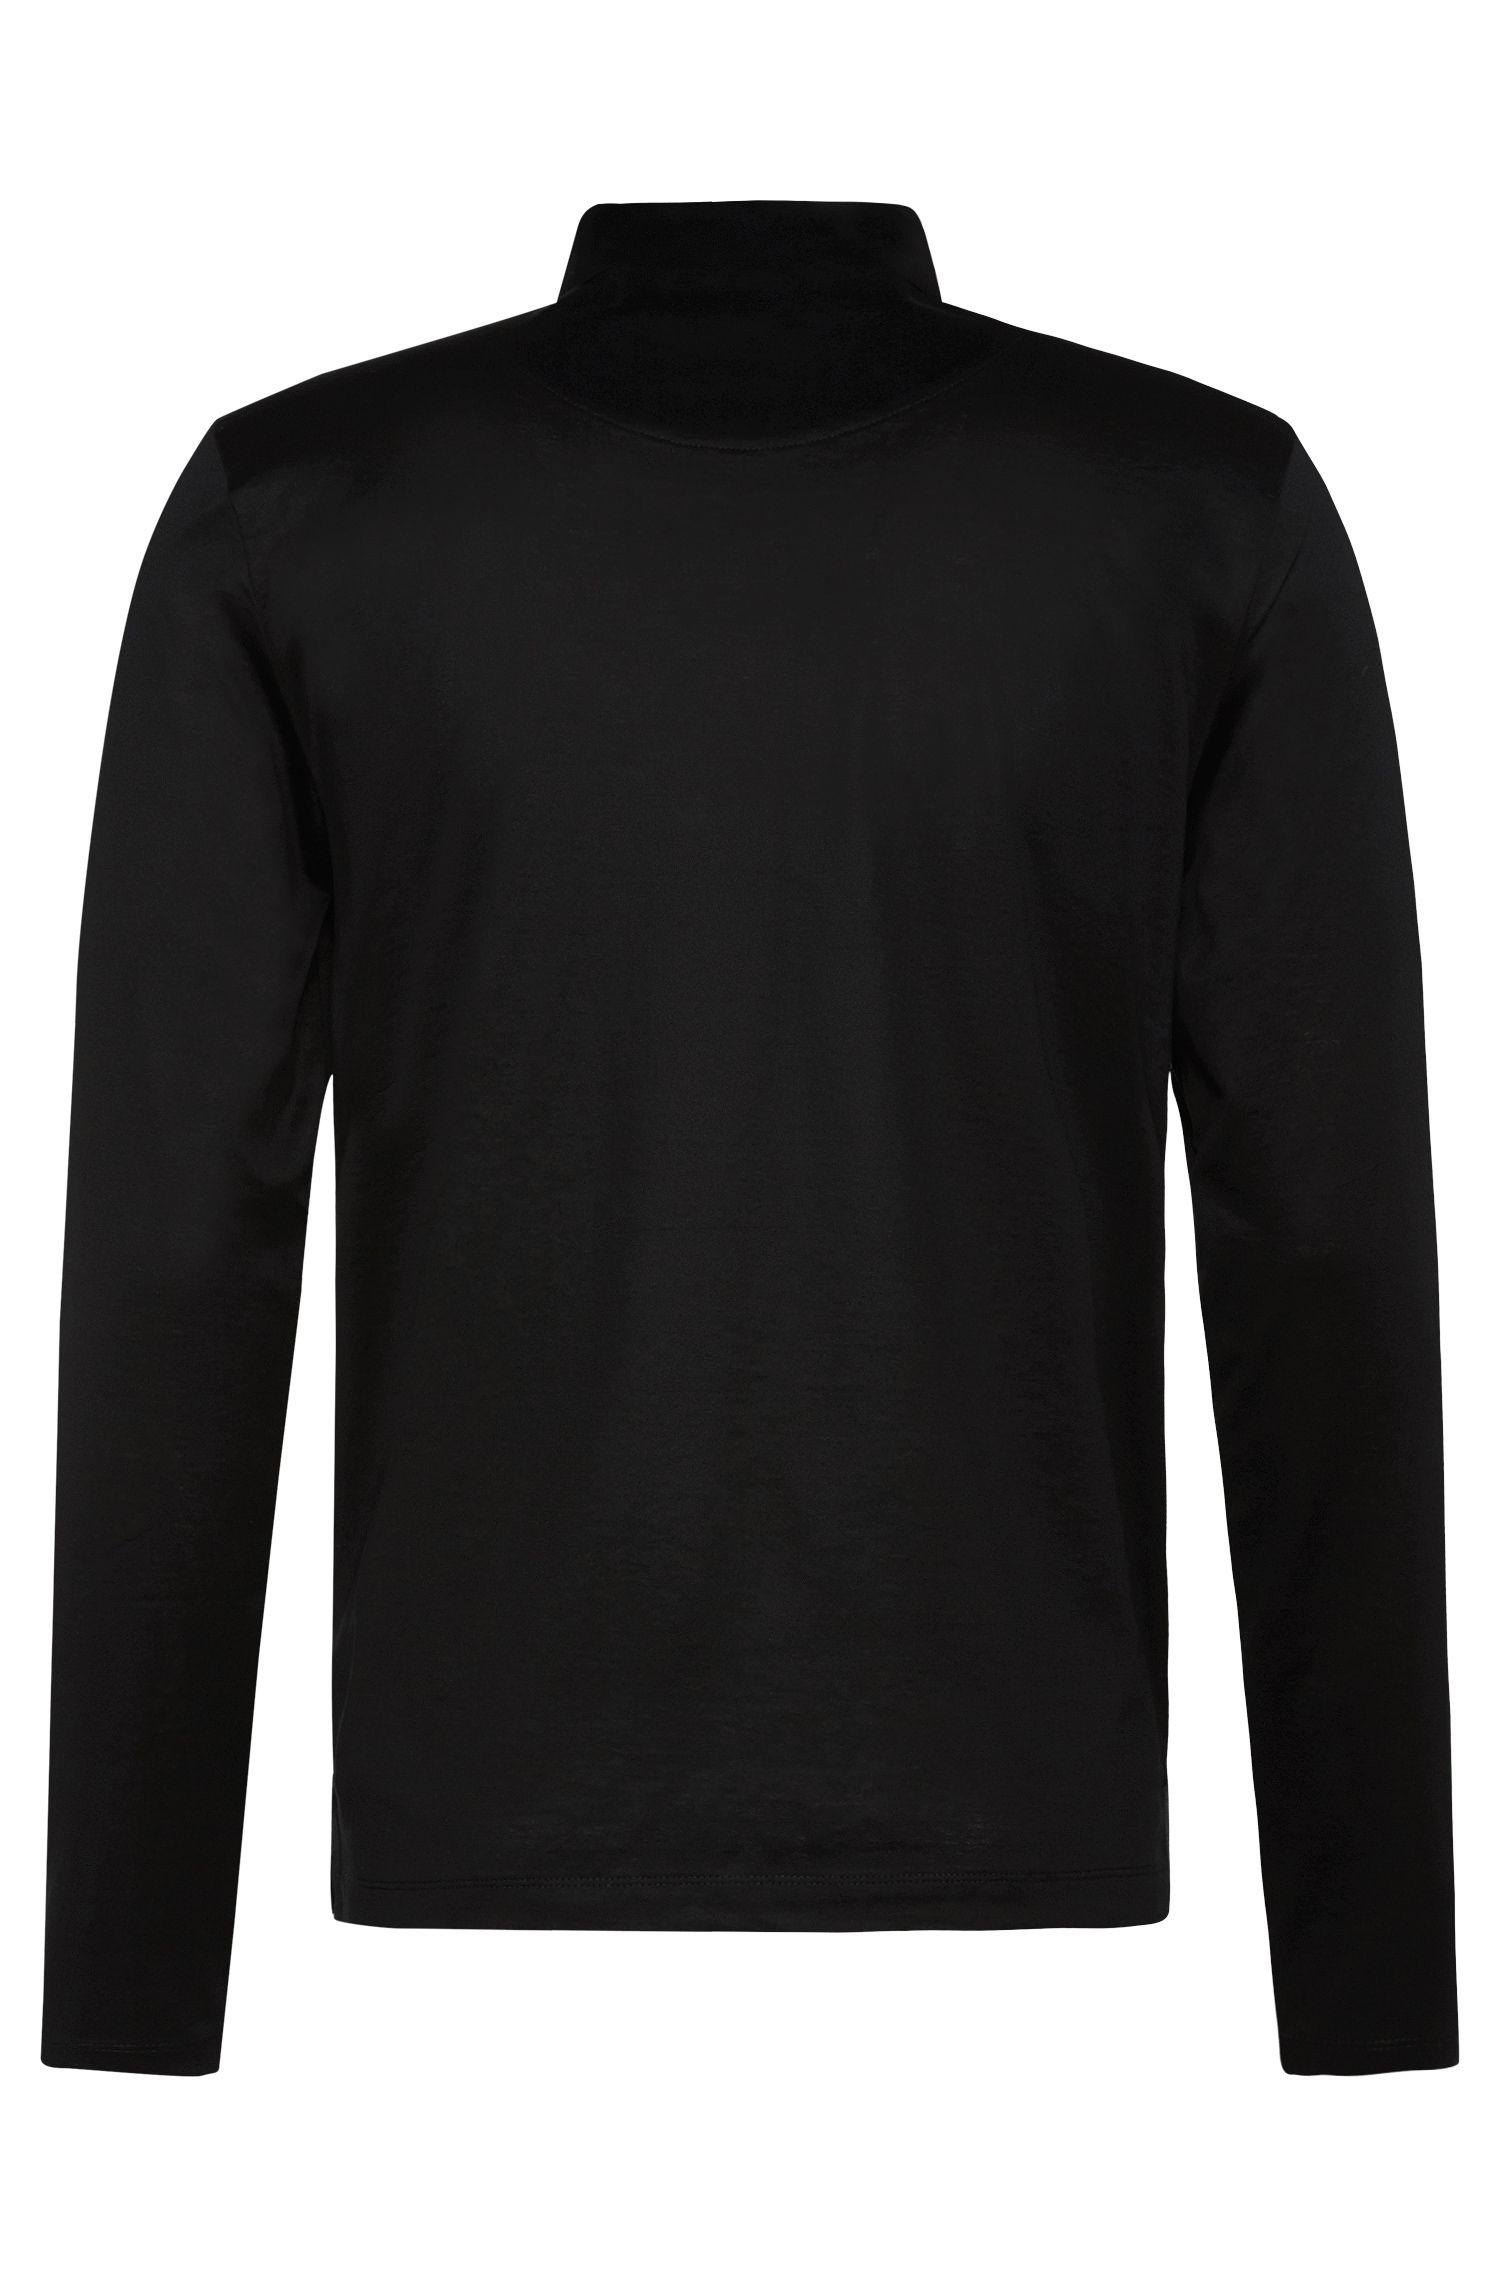 Unifarbenes Slim-Fit Poloshirt aus merzerisierter Baumwolle: 'Prall 06'